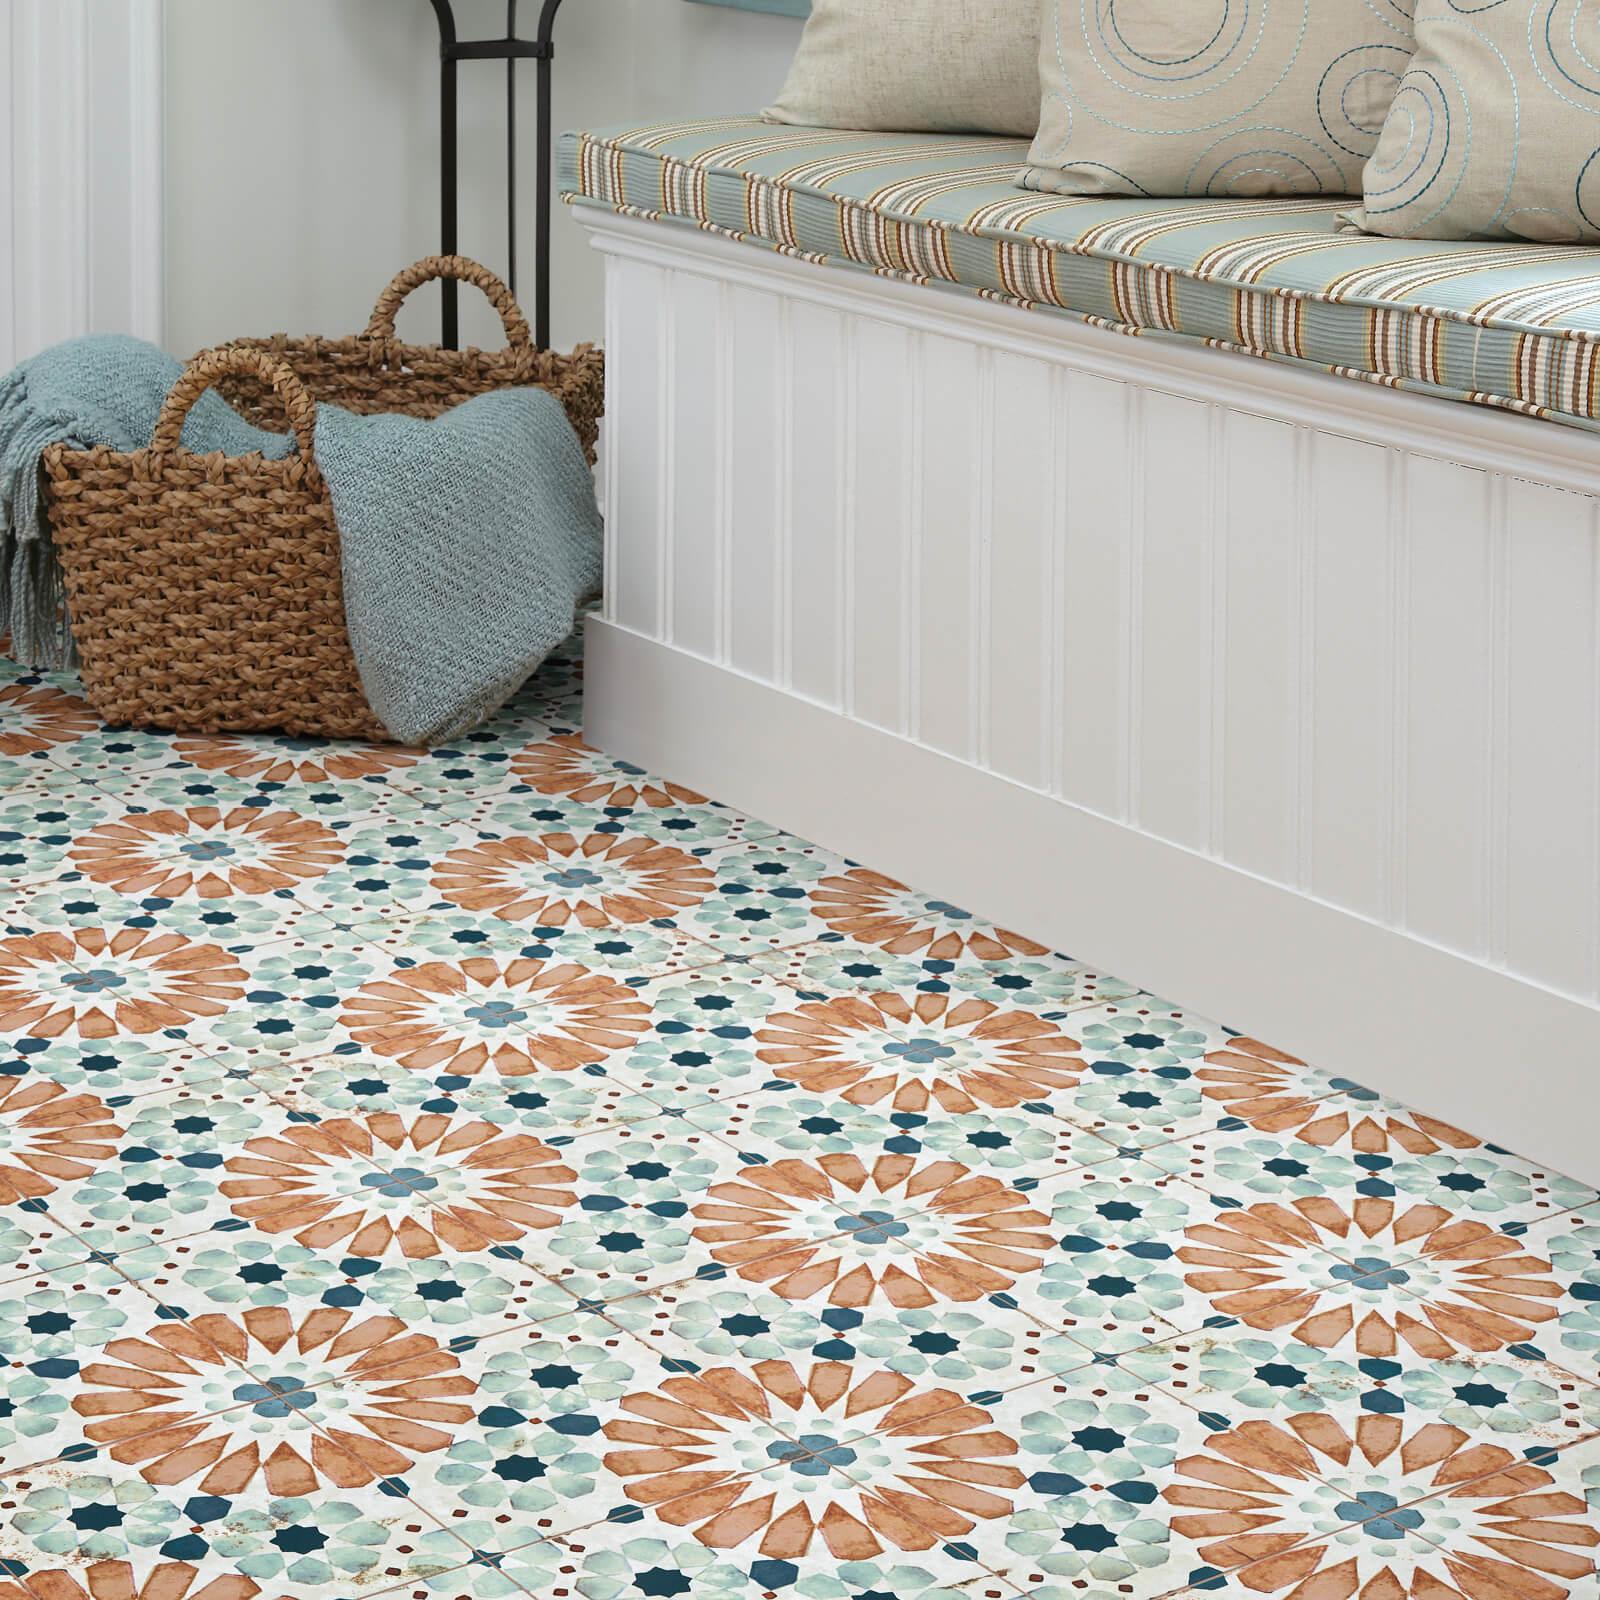 Islander flooring | Elite Flooring and Interiors Inc